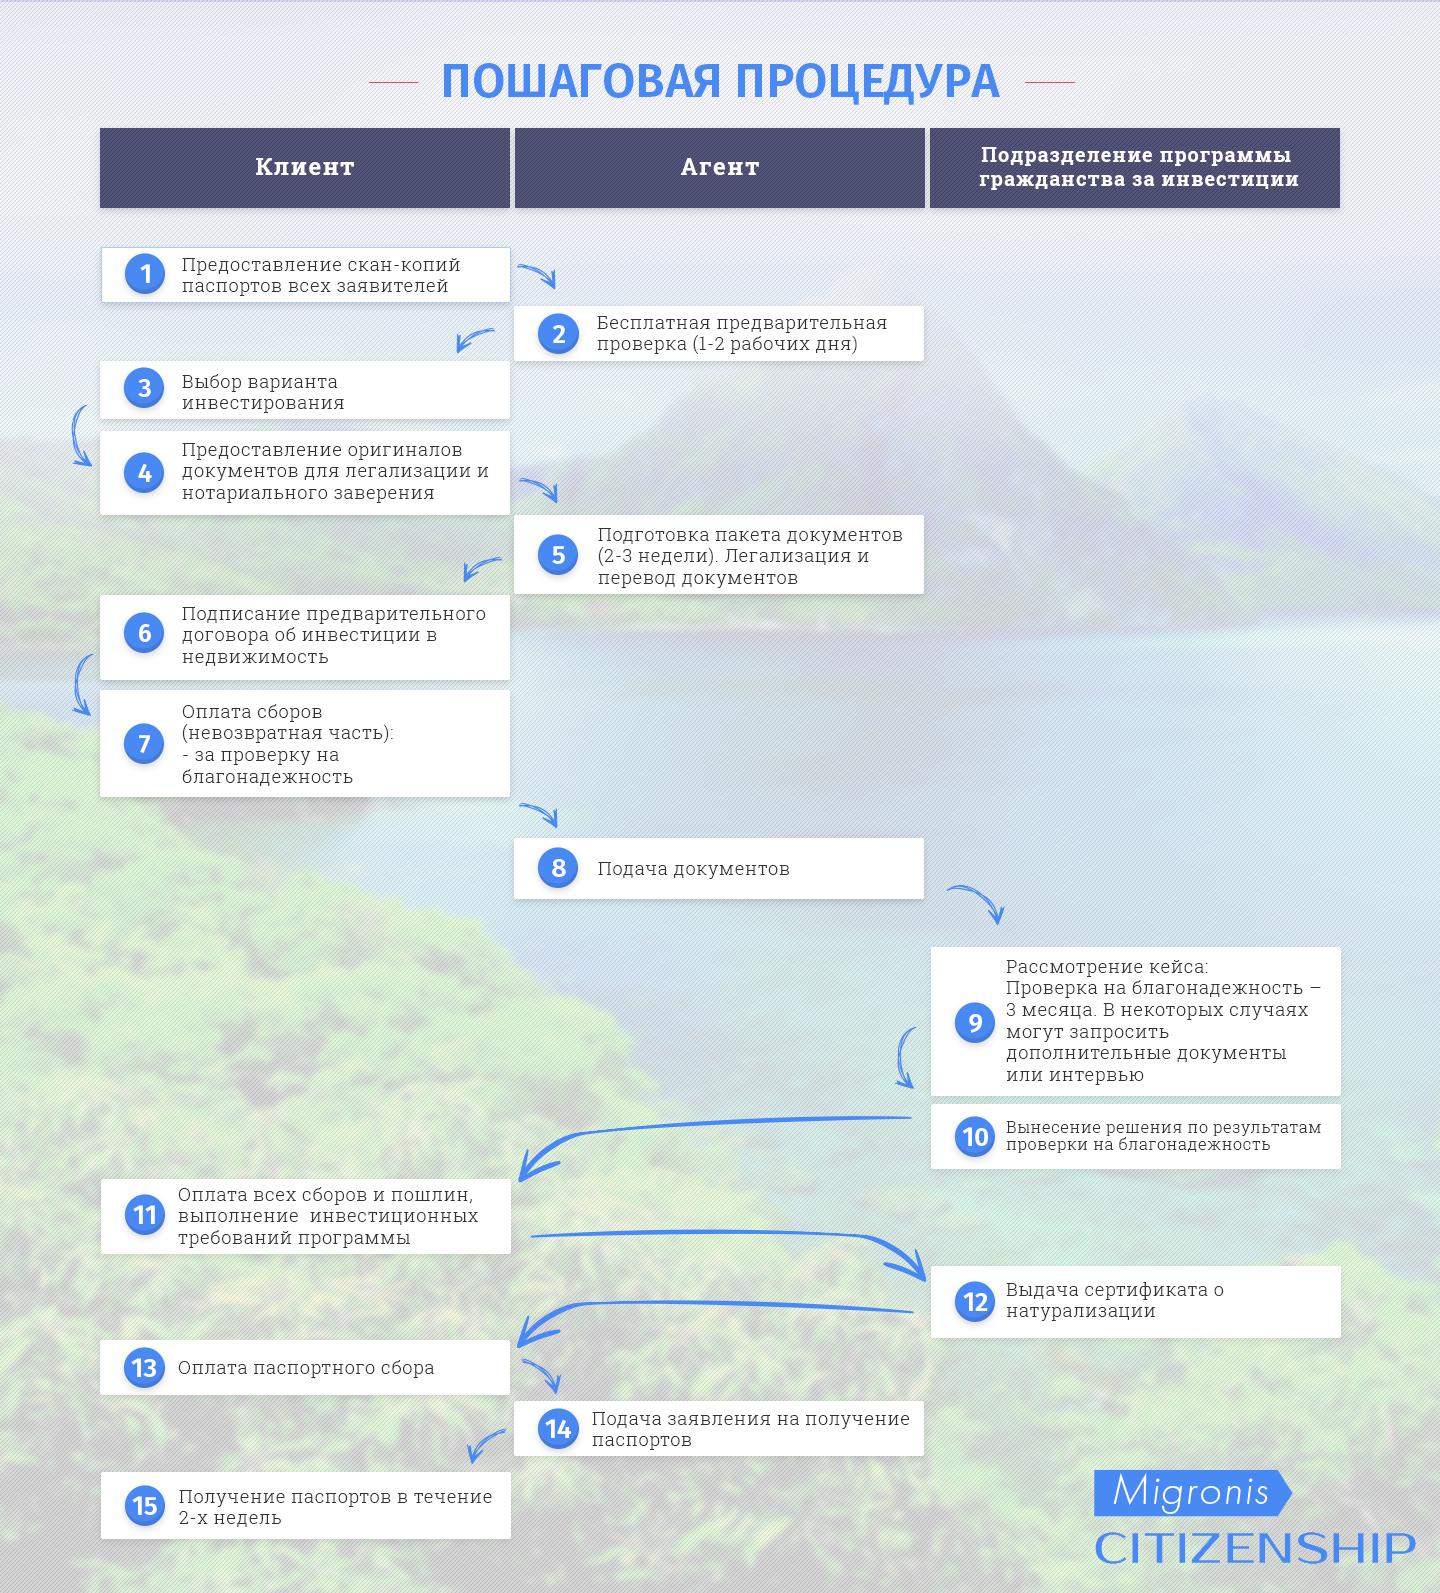 Пошаговая процедура оформления гражданства Сент Китс и Невис | Migronis